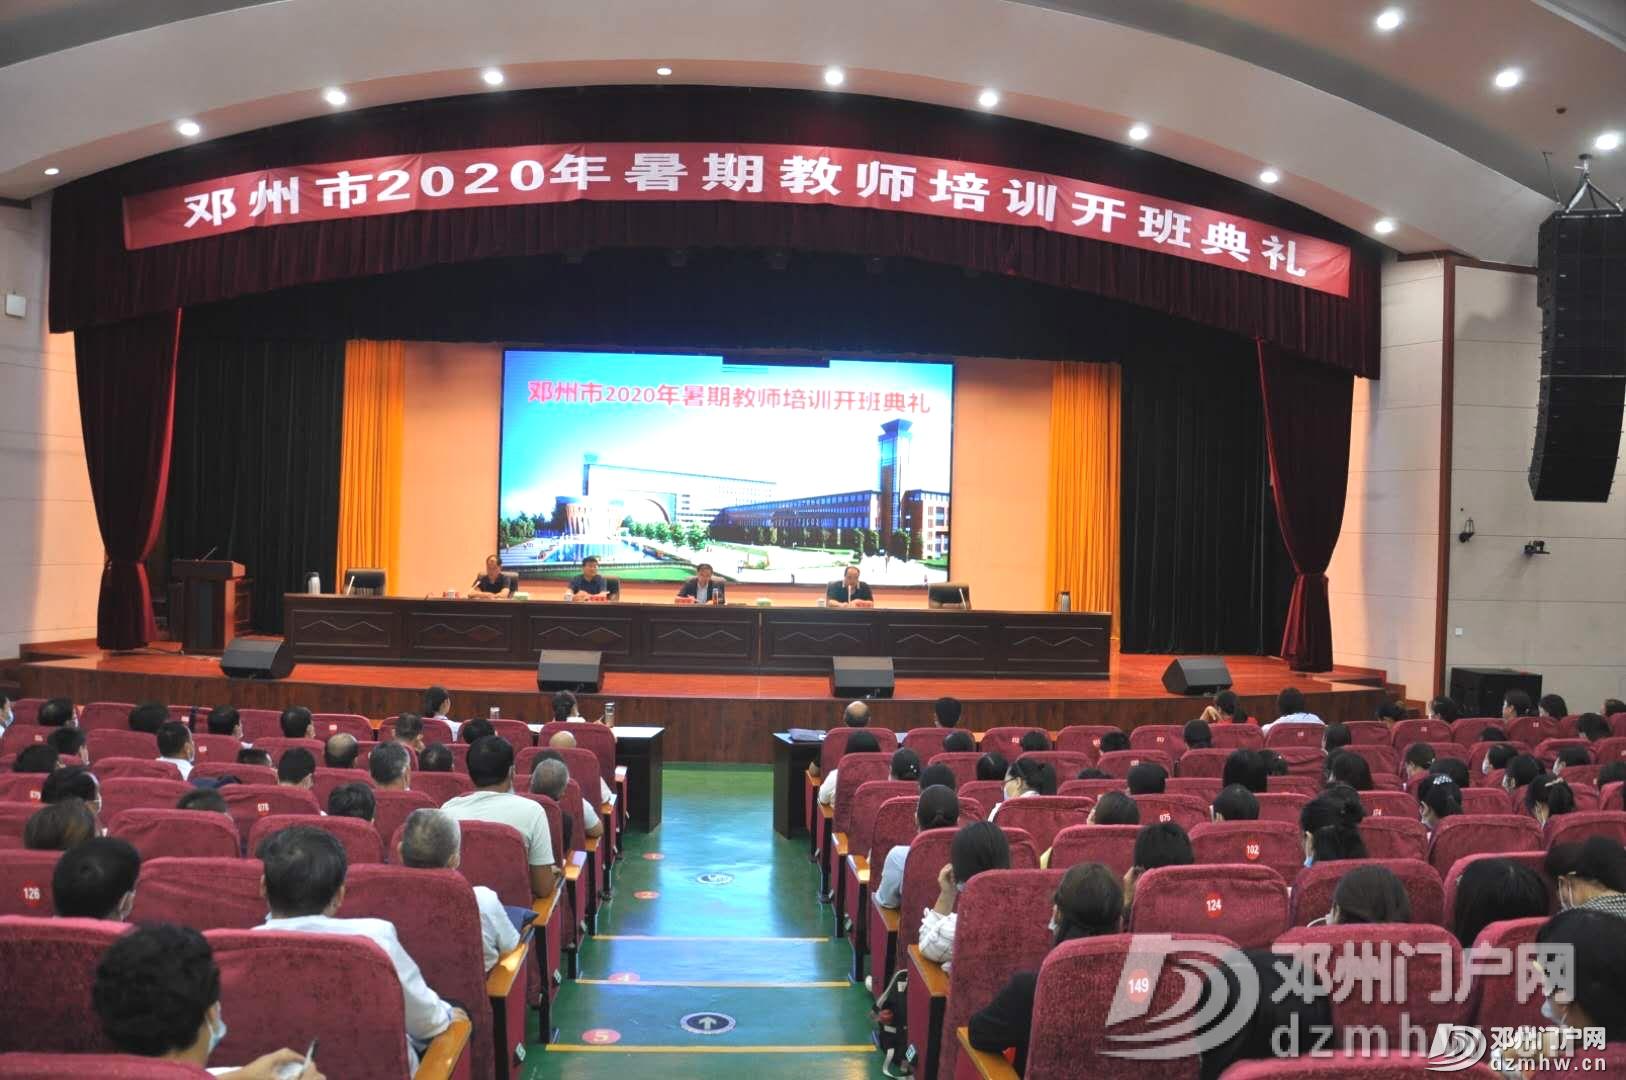 邓州市2020年暑期教师培训开班了...... - 邓州门户网|邓州网 - 0c7f9cb9c9a82c175bcb64b774d66f19.png